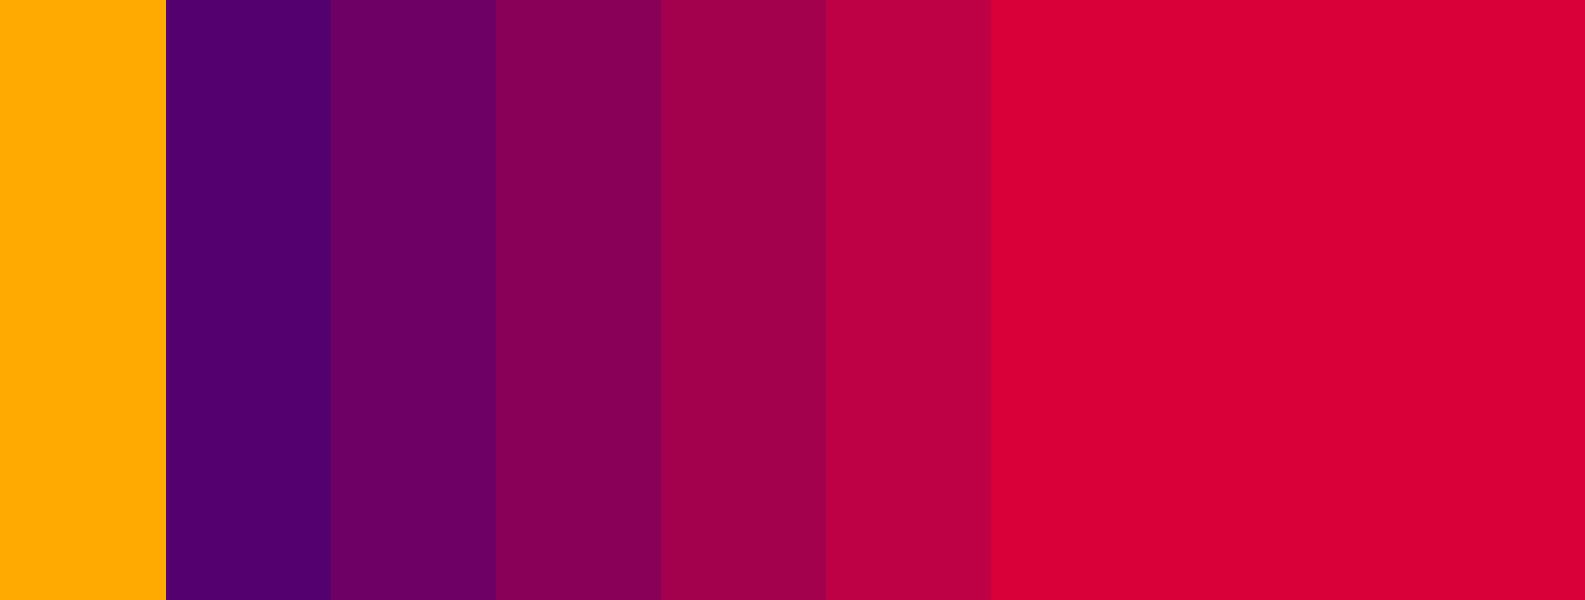 telhanorte-tumelero-gradiente-cores